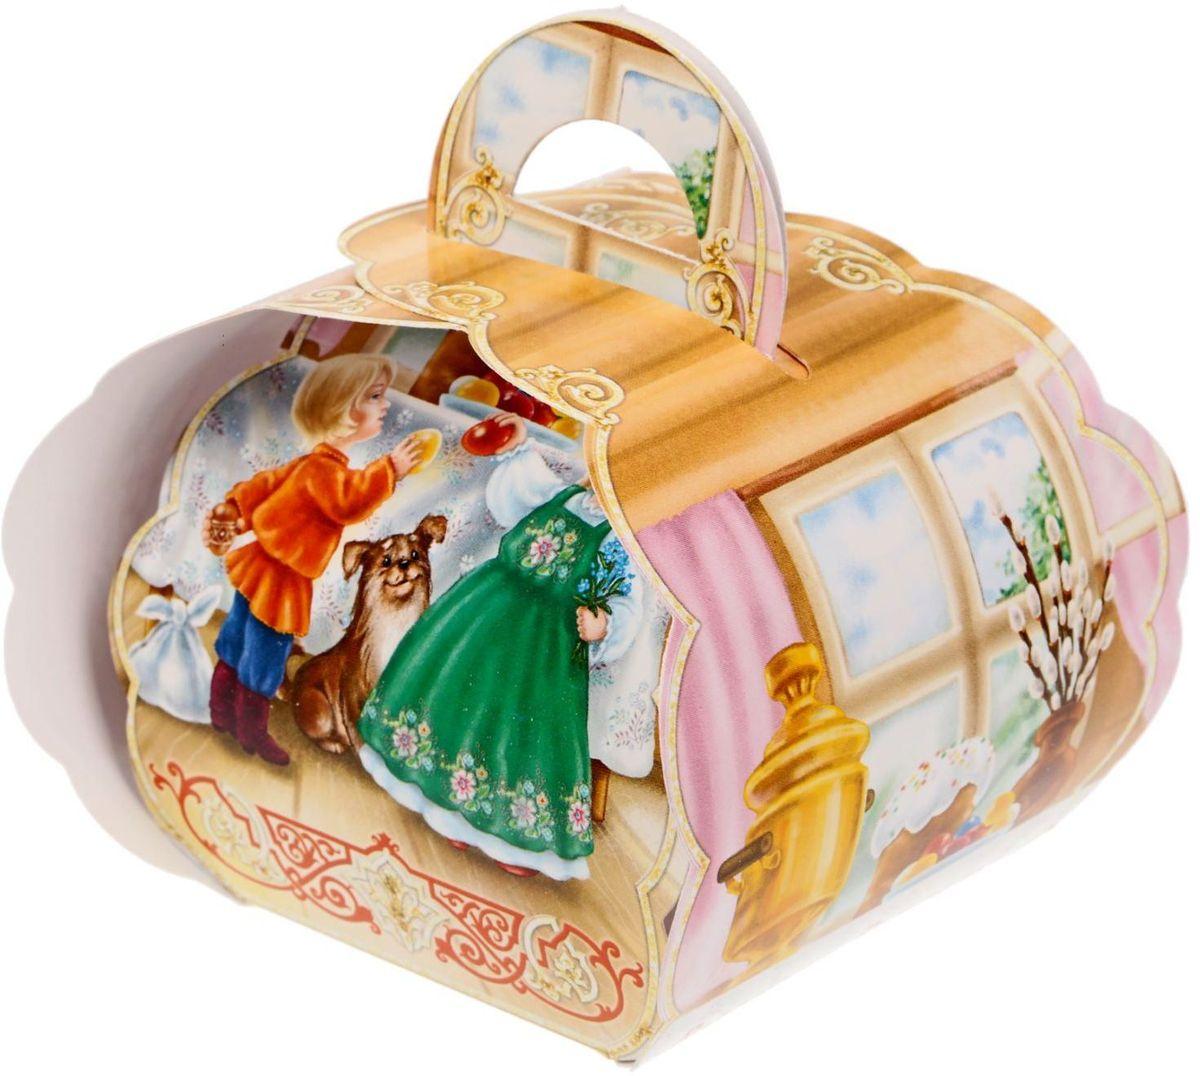 Коробочка подарочная для яйца Христос Воскресе. Дети. 17469913061 LPКоробочка подарочная для яйца — новое веяние в мире подарочной упаковки. Представьте, как здорово будет преподнести родным и близким подарки в таком оформлении. Душевный дизайн в народном стиле и пасхальные символы никого не оставят равнодушным. Коробочка надёжна и легка в использовании. Согните её по линиям и положите внутрь заготовленный презент. Благодаря удобной ручке изделие удобно переносить. Размер заготовки: 13,4 х 26,2 см.